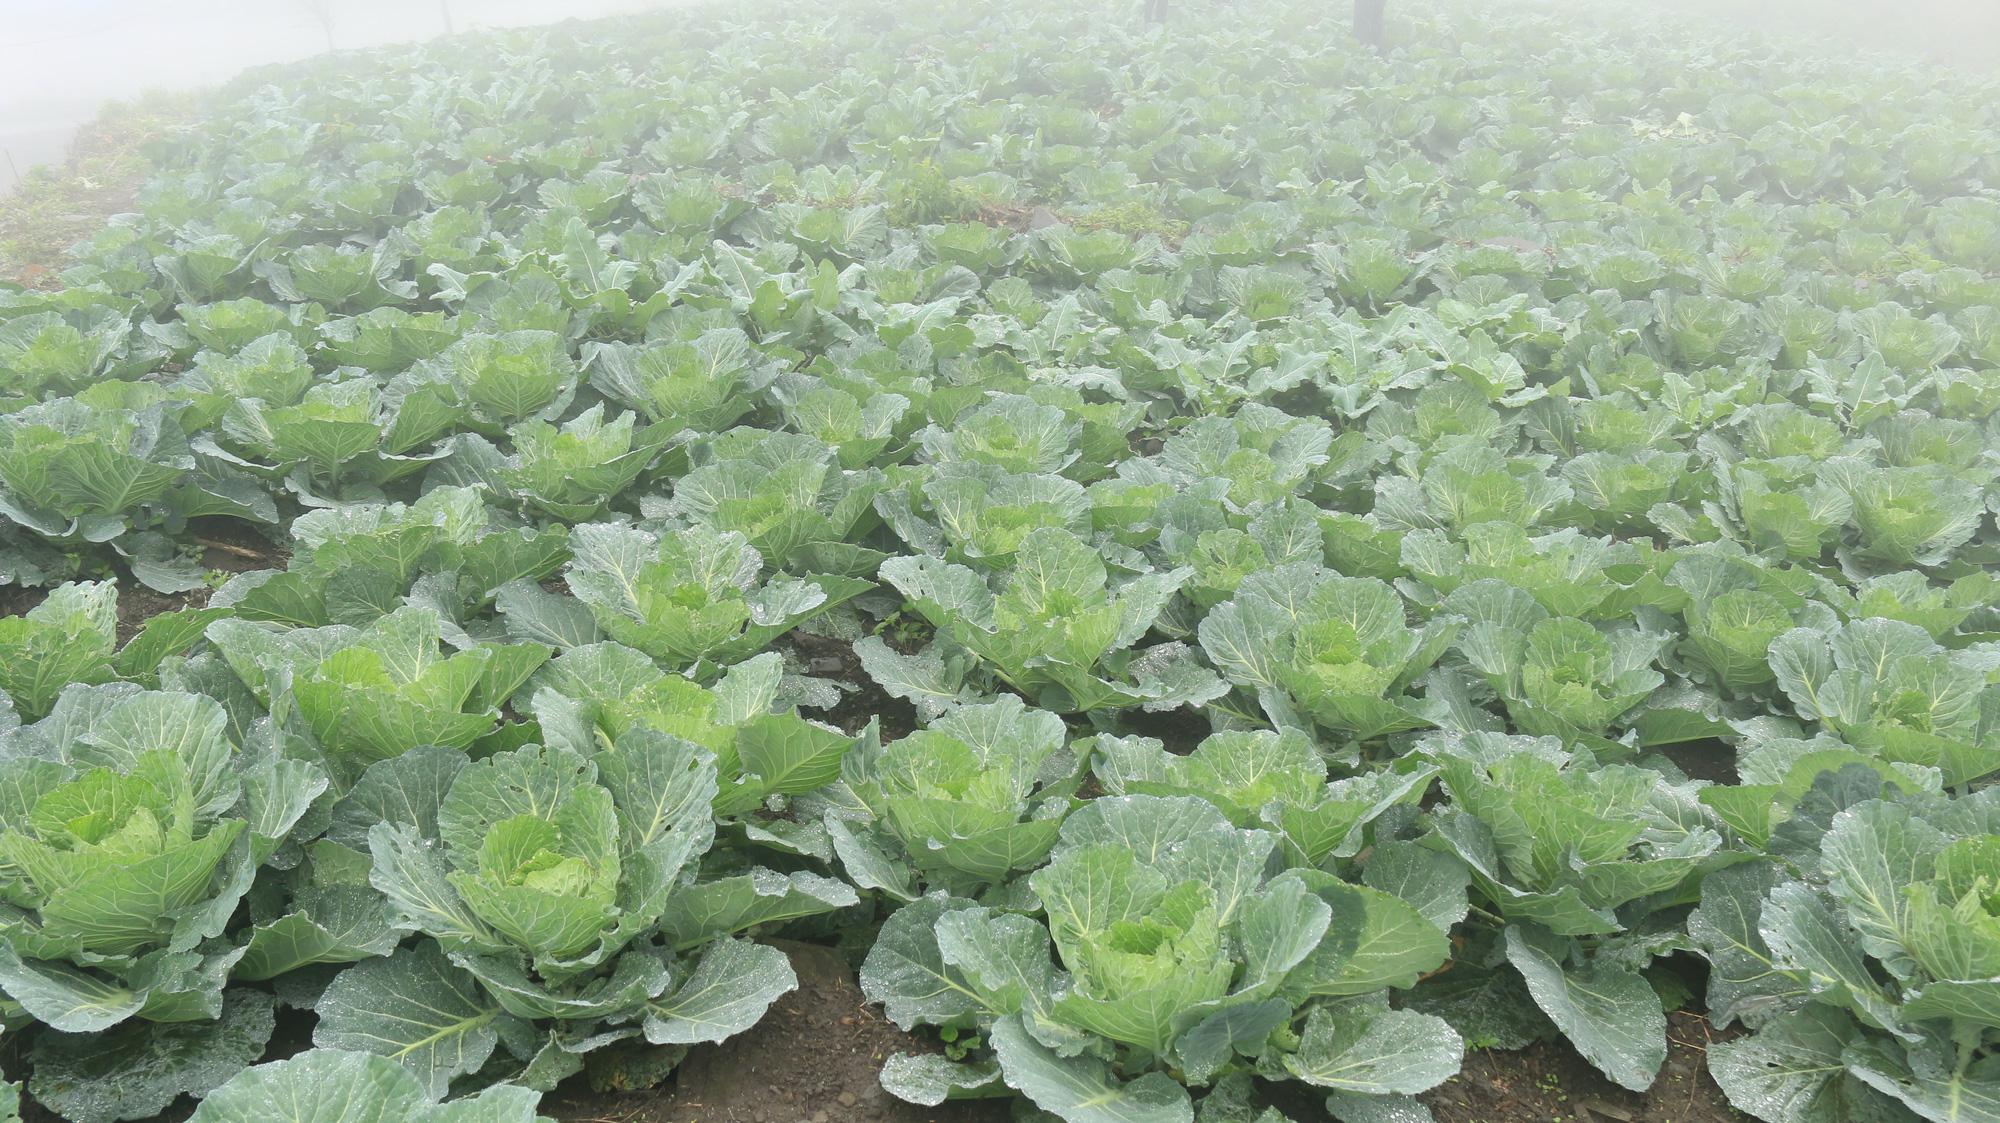 Tuyên Quang: Trồng rau hữu cơ trên đỉnh Kia Tăng thu nhập tăng gấp 3 lần so với trồng ngô, lúa. - Ảnh 5.